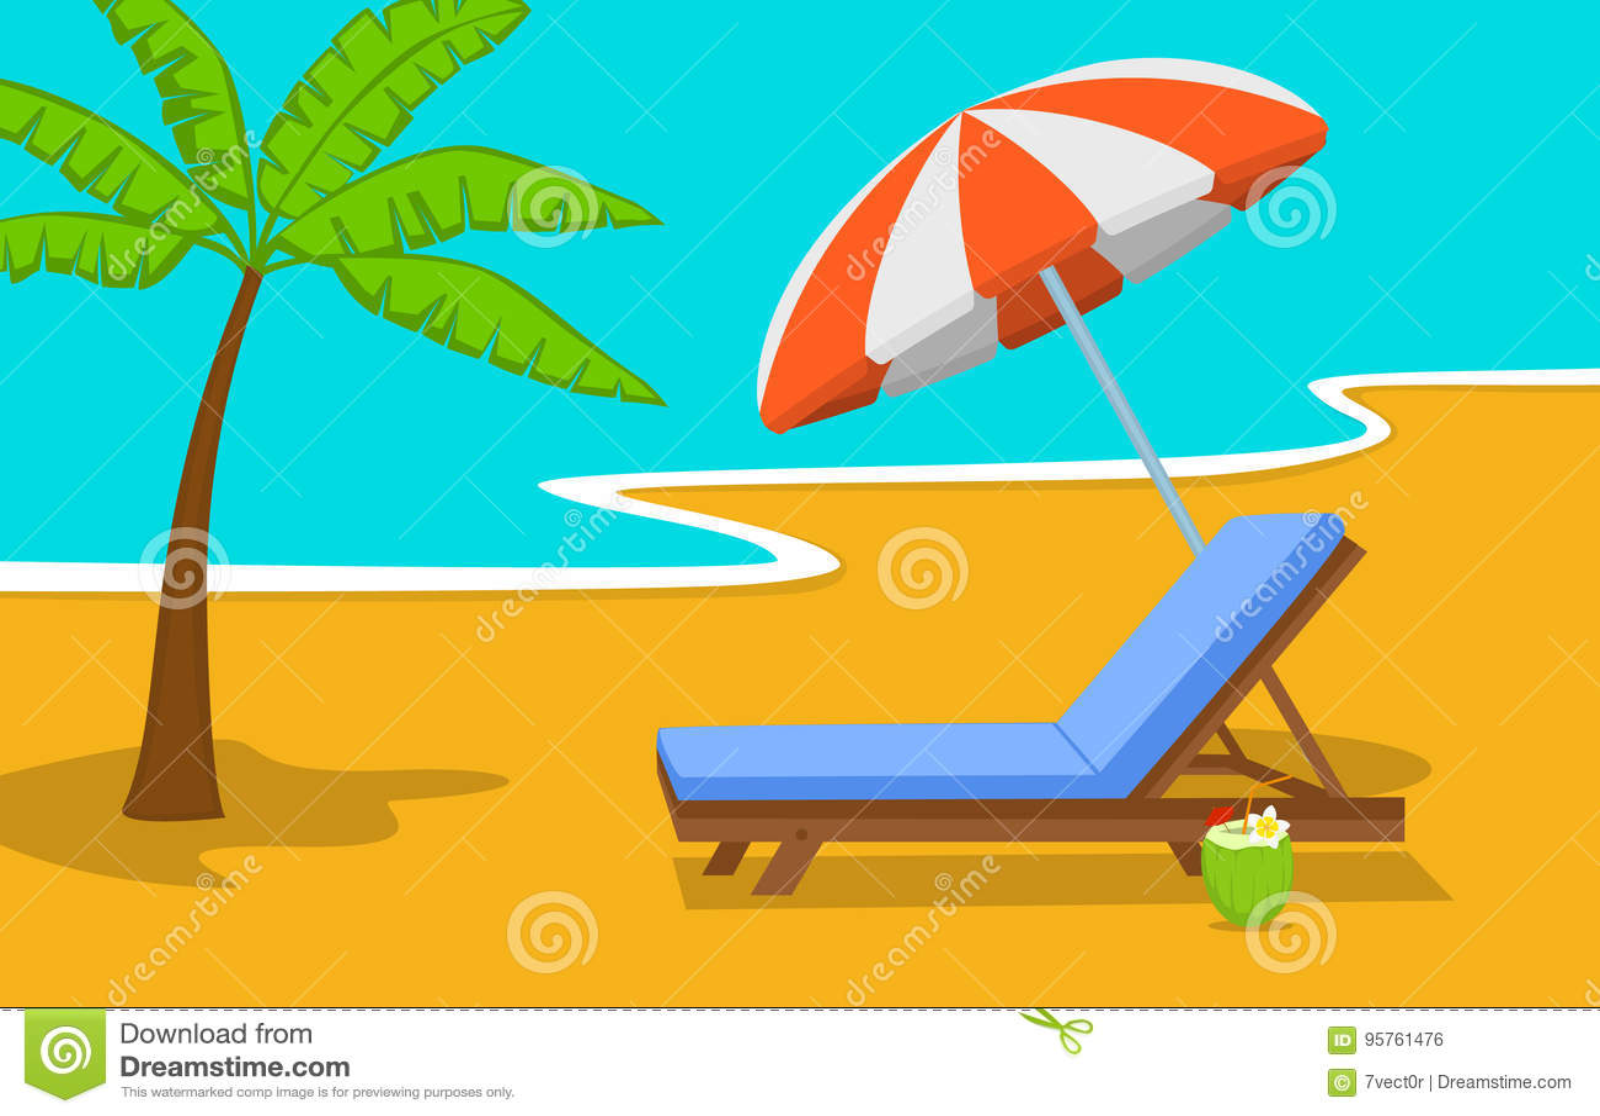 Avec De ParapluieLa Plage Le Vacances D'été Temps Fond 2E9WDHIY